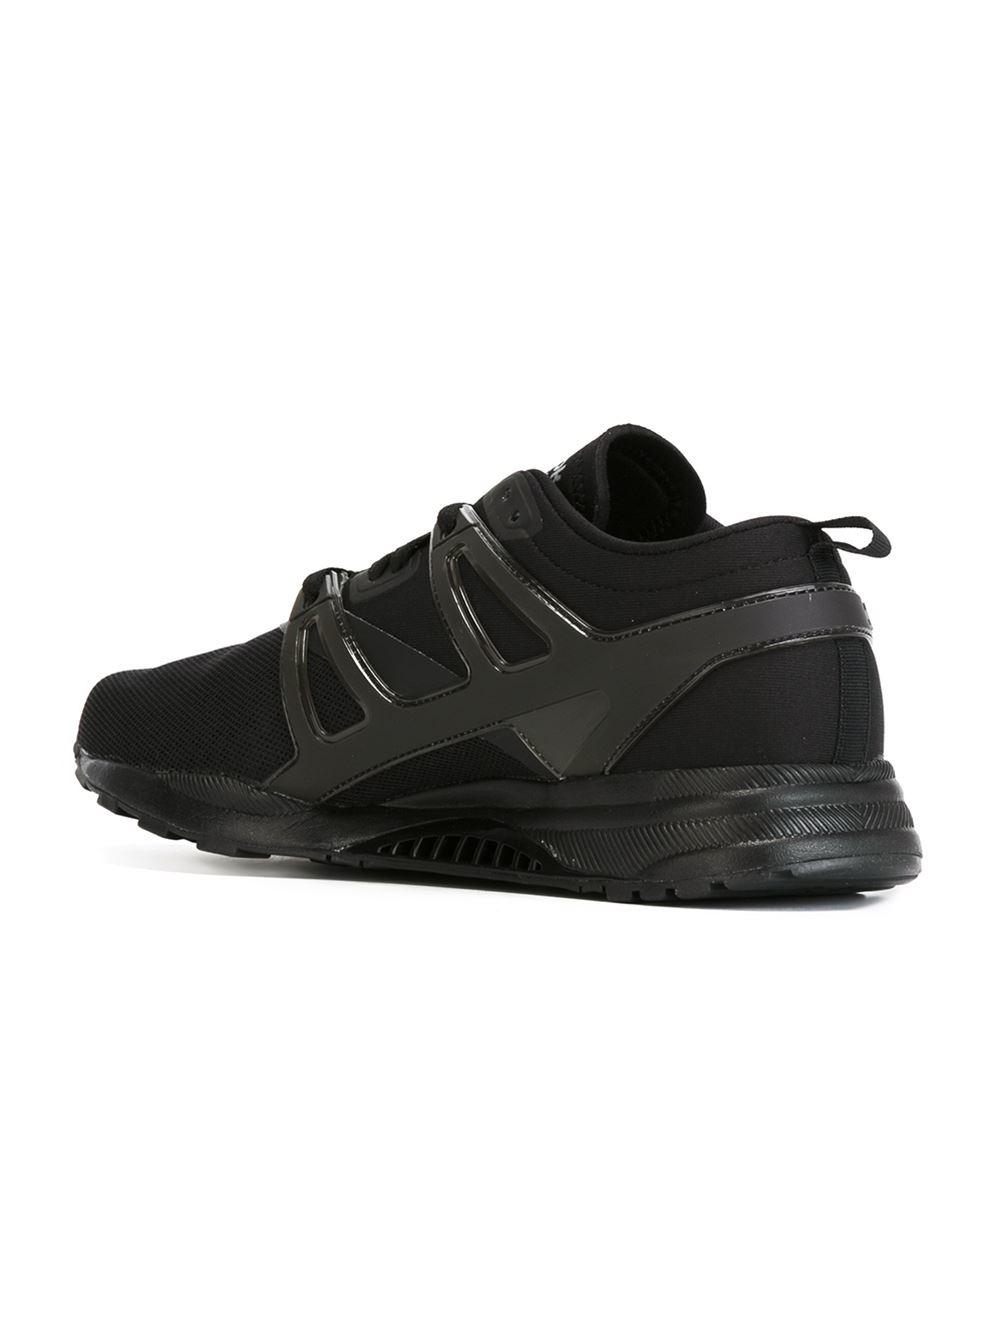 Ktz Shoes Black